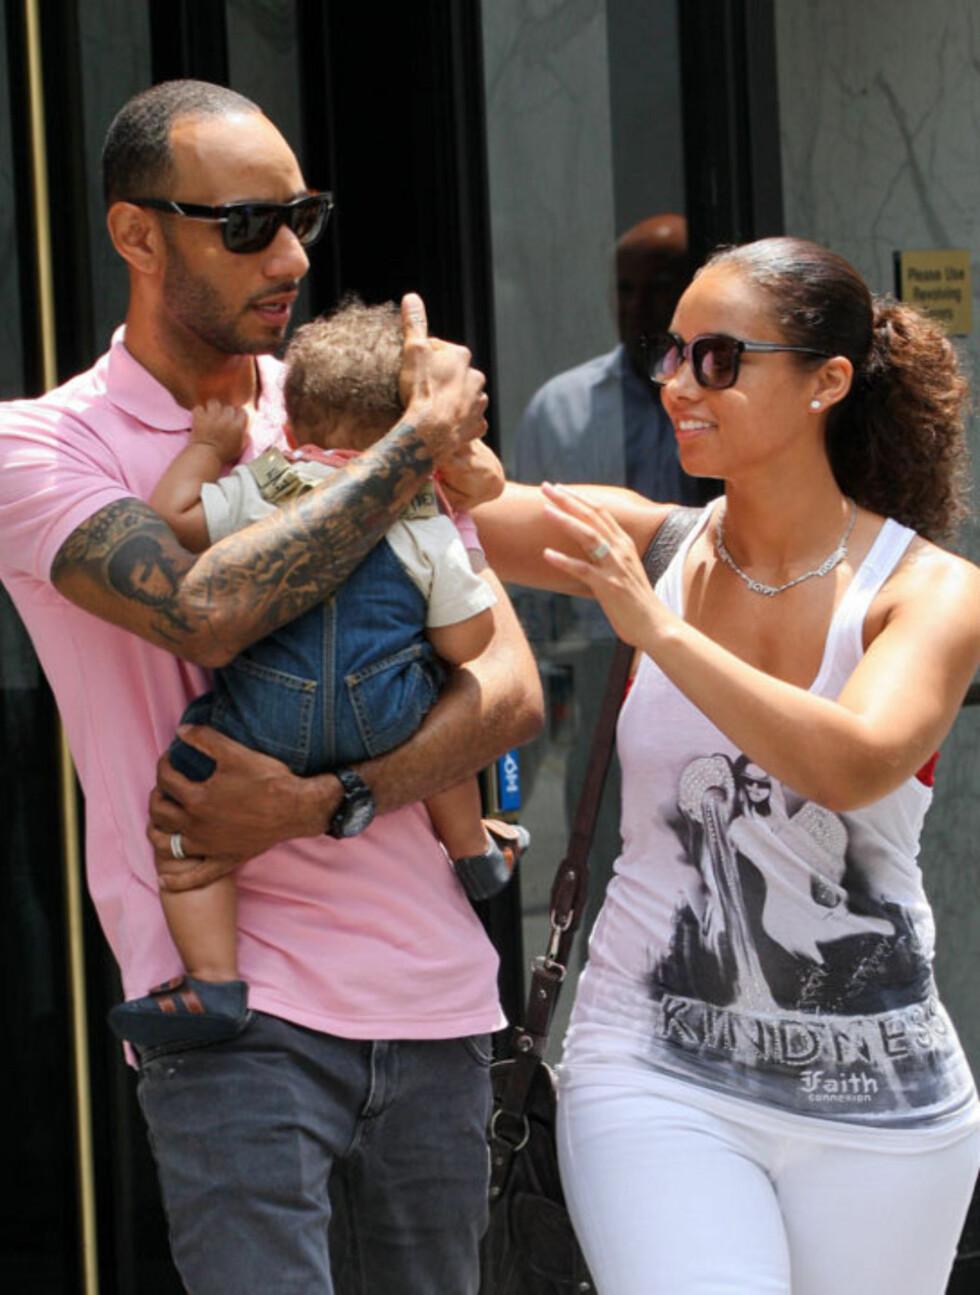 KOSELIG KJEDE: Alicia Keys hadde på seg et søtt sølvkjede med de tre navnene Alicia, Egypt og Kasseem på - et symbol på deres fullendte lille familie.  Foto: All Over Press